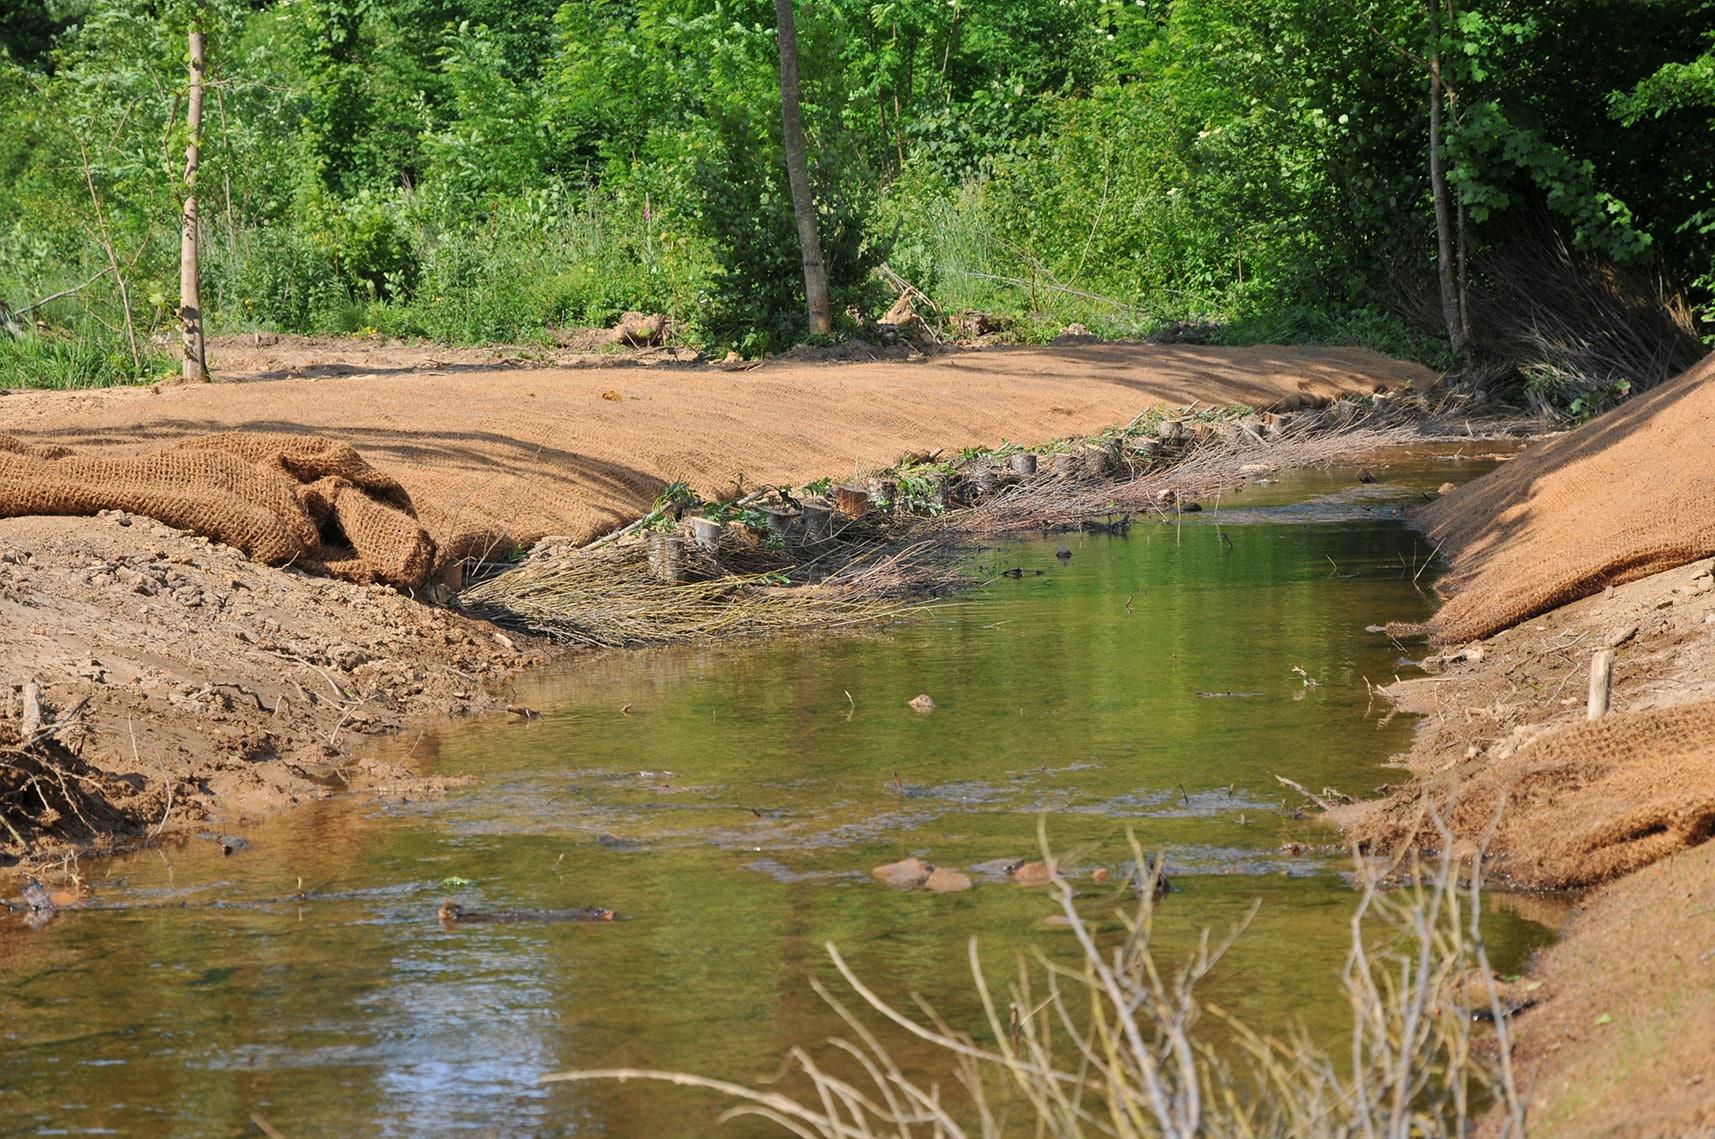 génie végétal - Restauration d'un cours d'eau